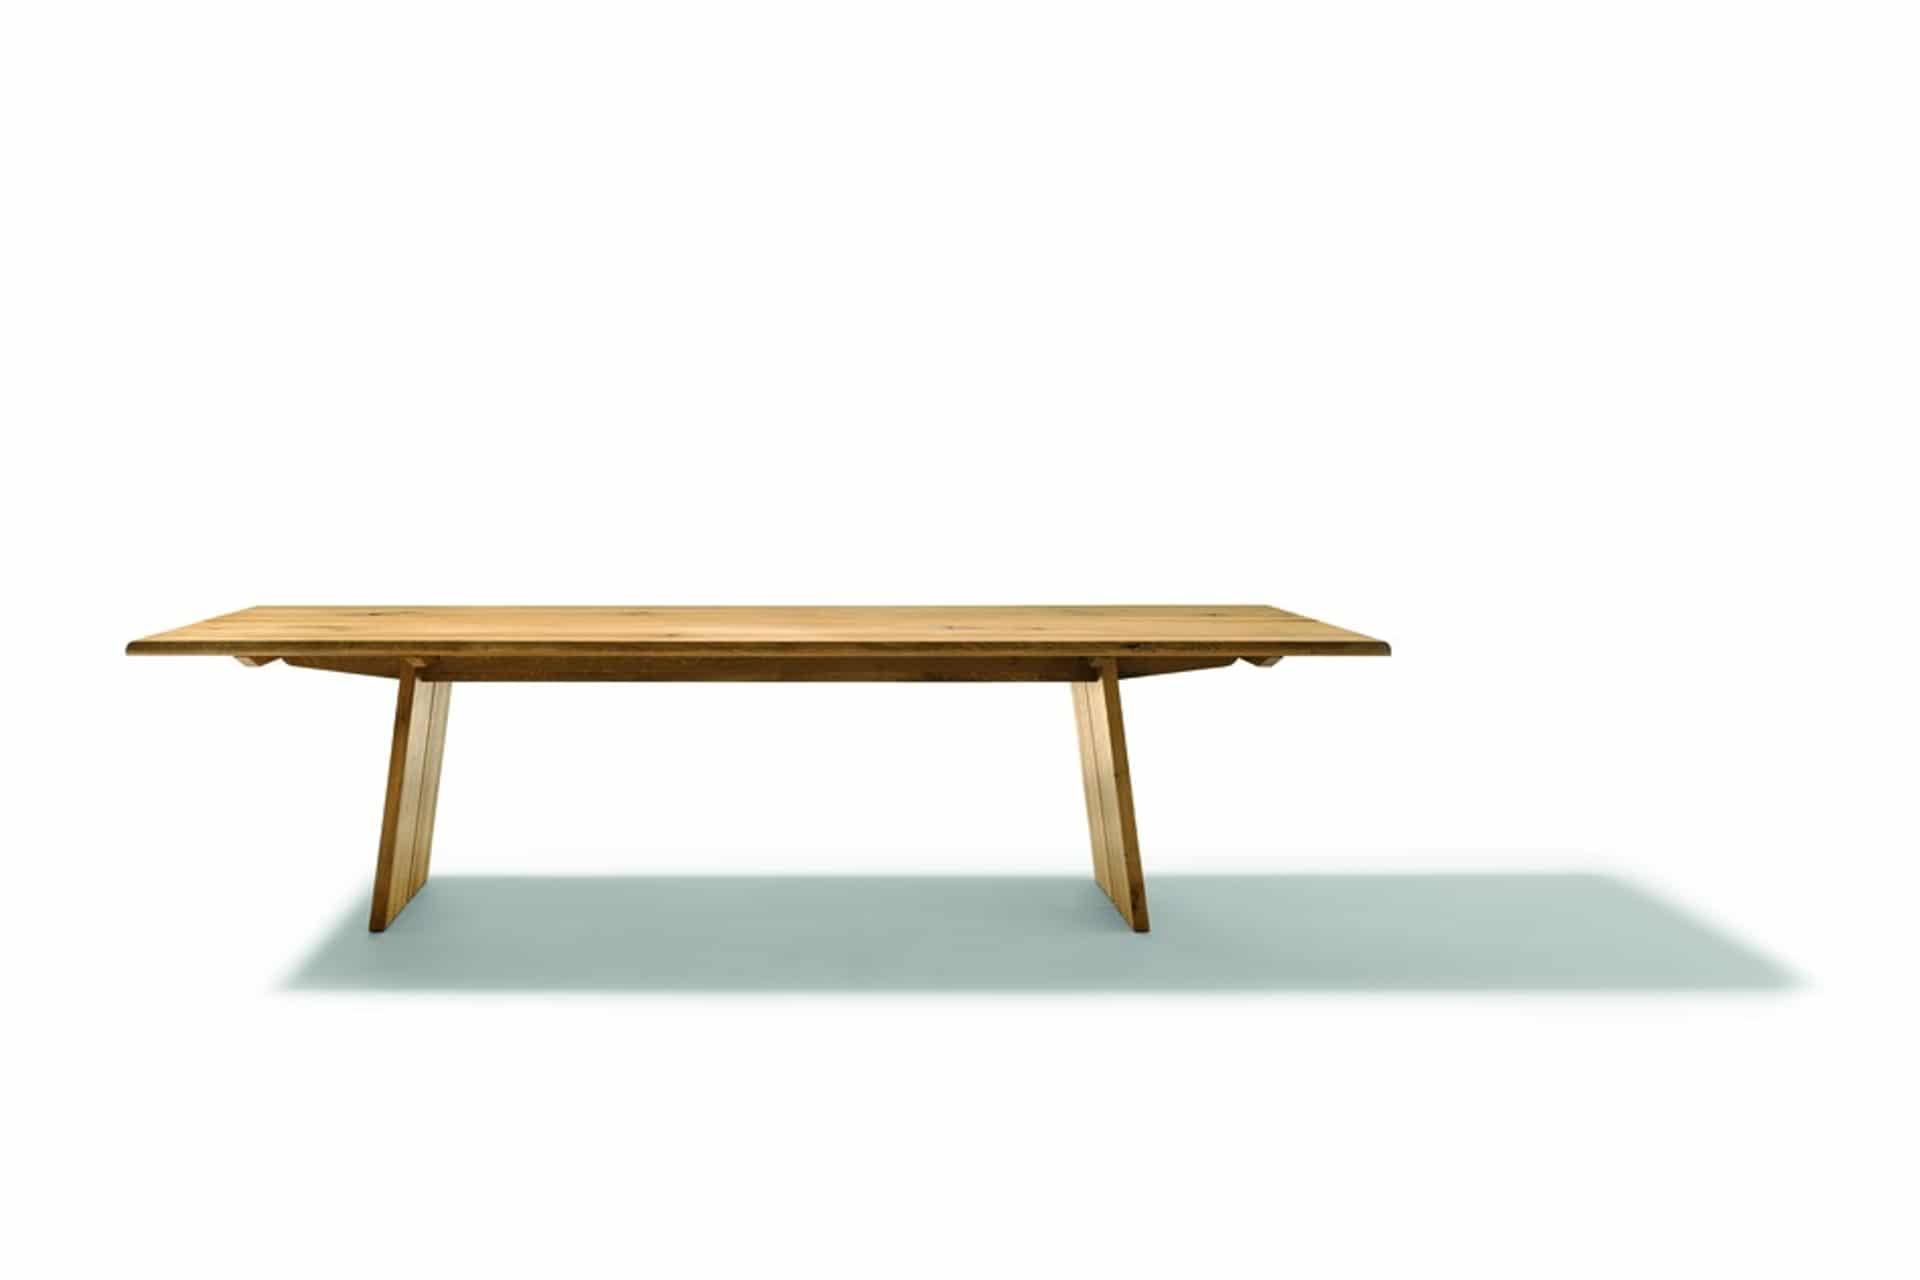 tisch nox fixtisch kohler nat rlich einrichten naturholzm bel team 7 naturm bel. Black Bedroom Furniture Sets. Home Design Ideas